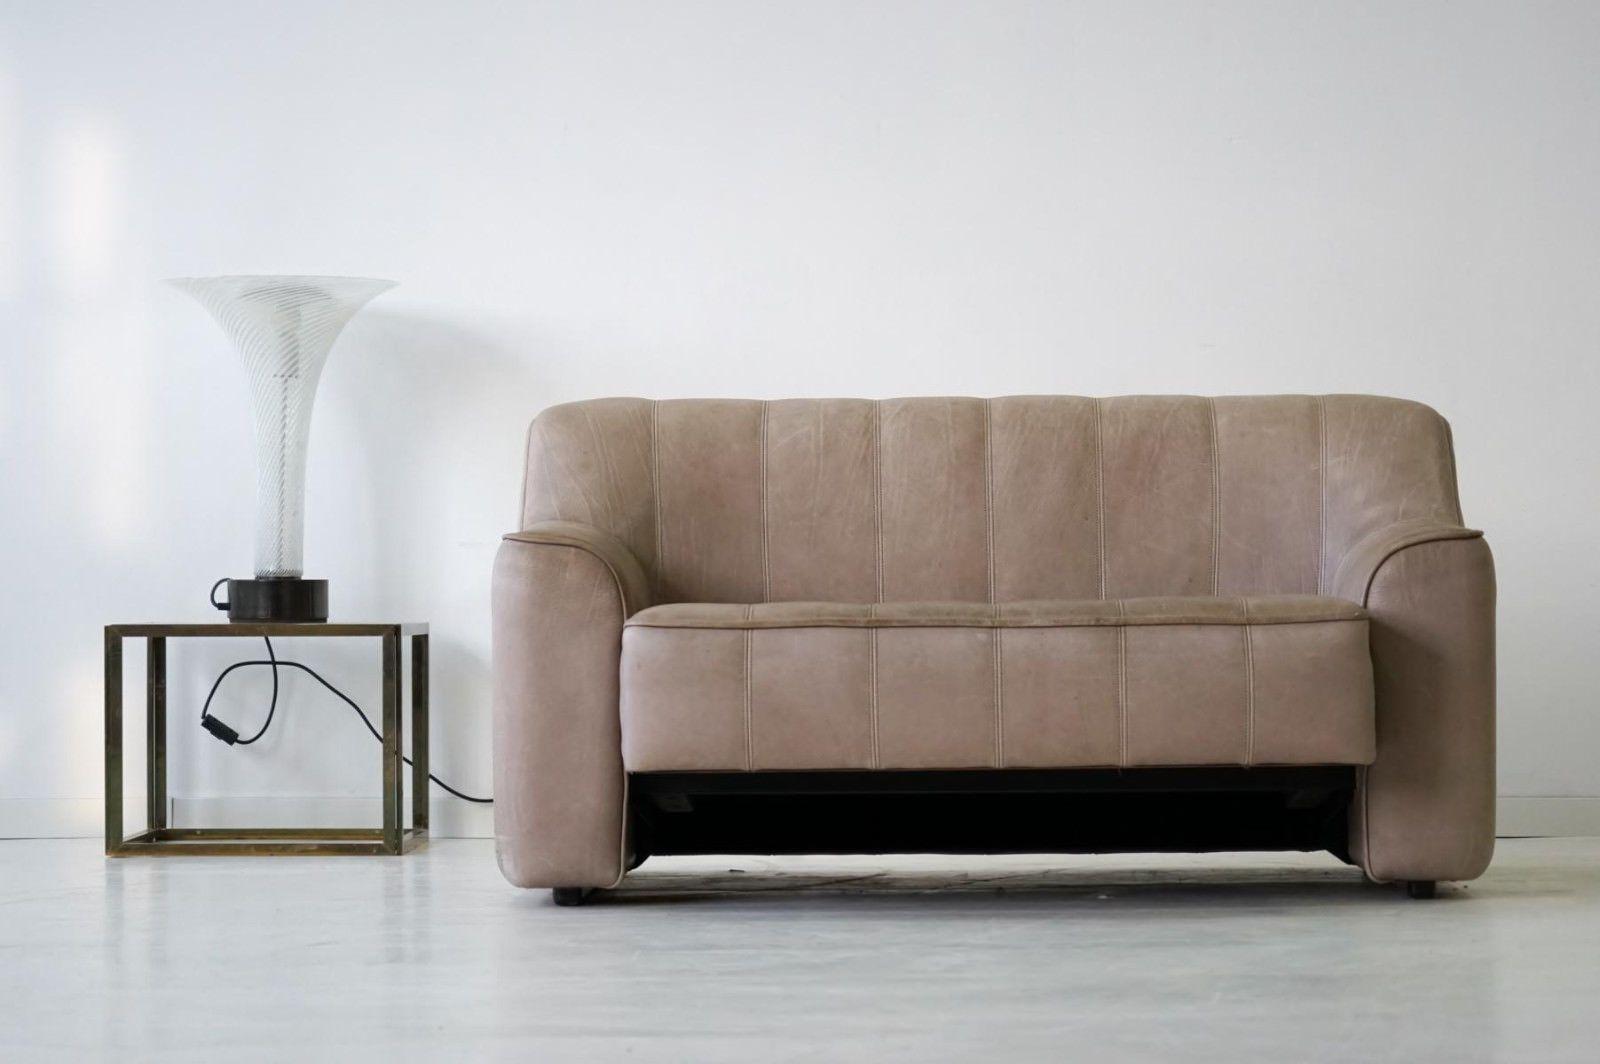 Verführerisch Hochlehner Sofa Das Beste Von 2-sitzer Ds 44 By De Sede Lounge